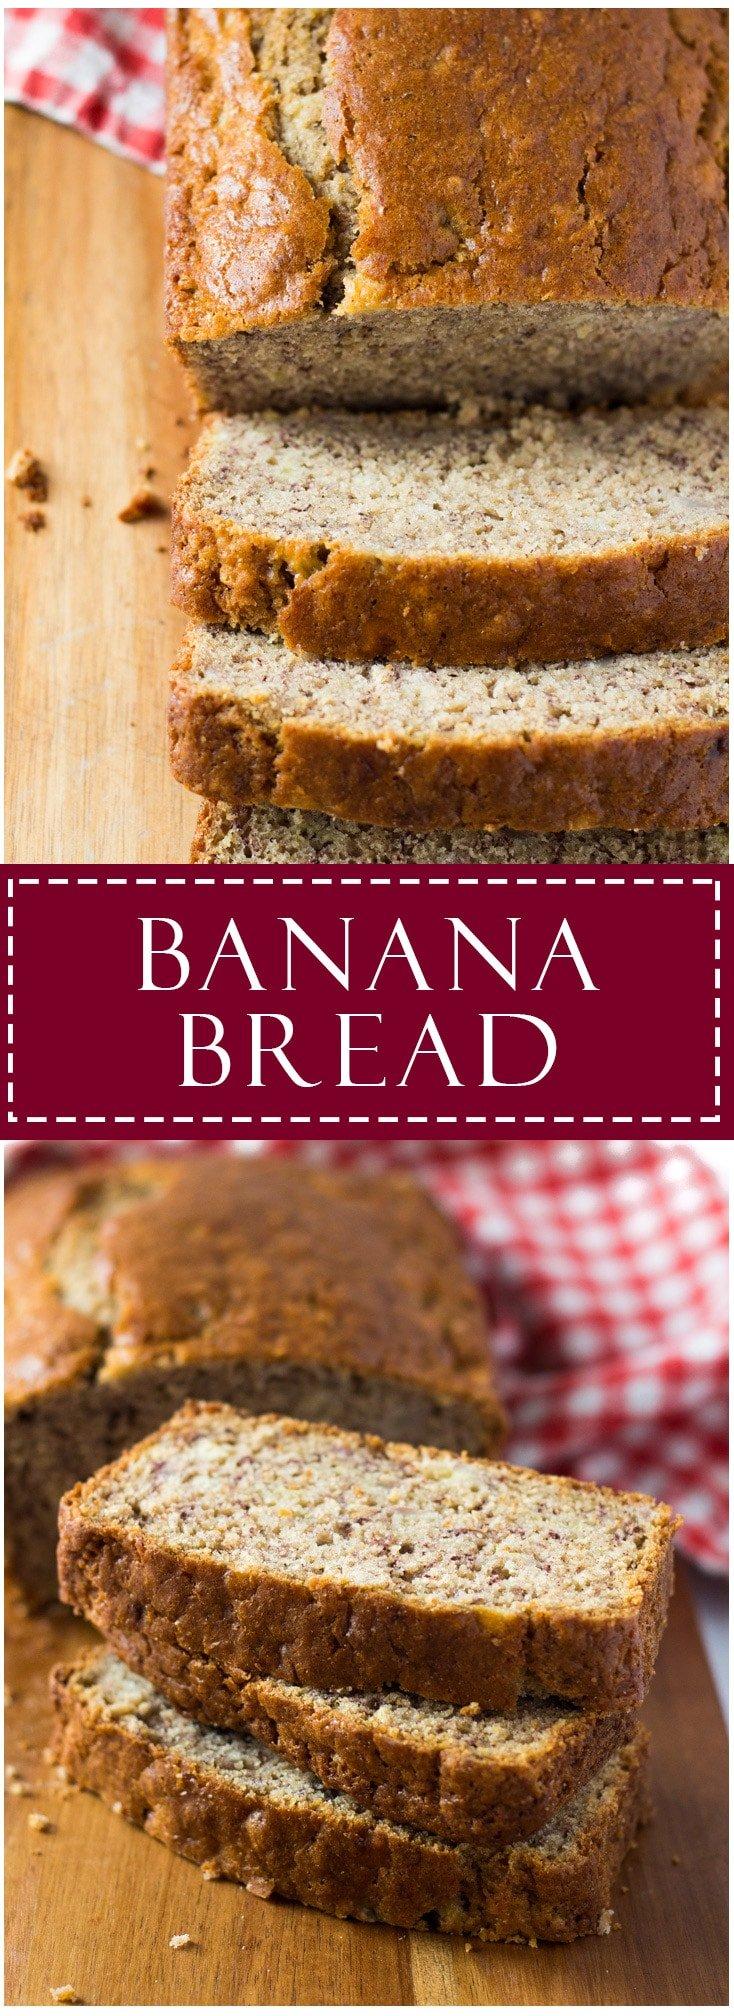 Banana Bread   Marsha's Baking Addiction